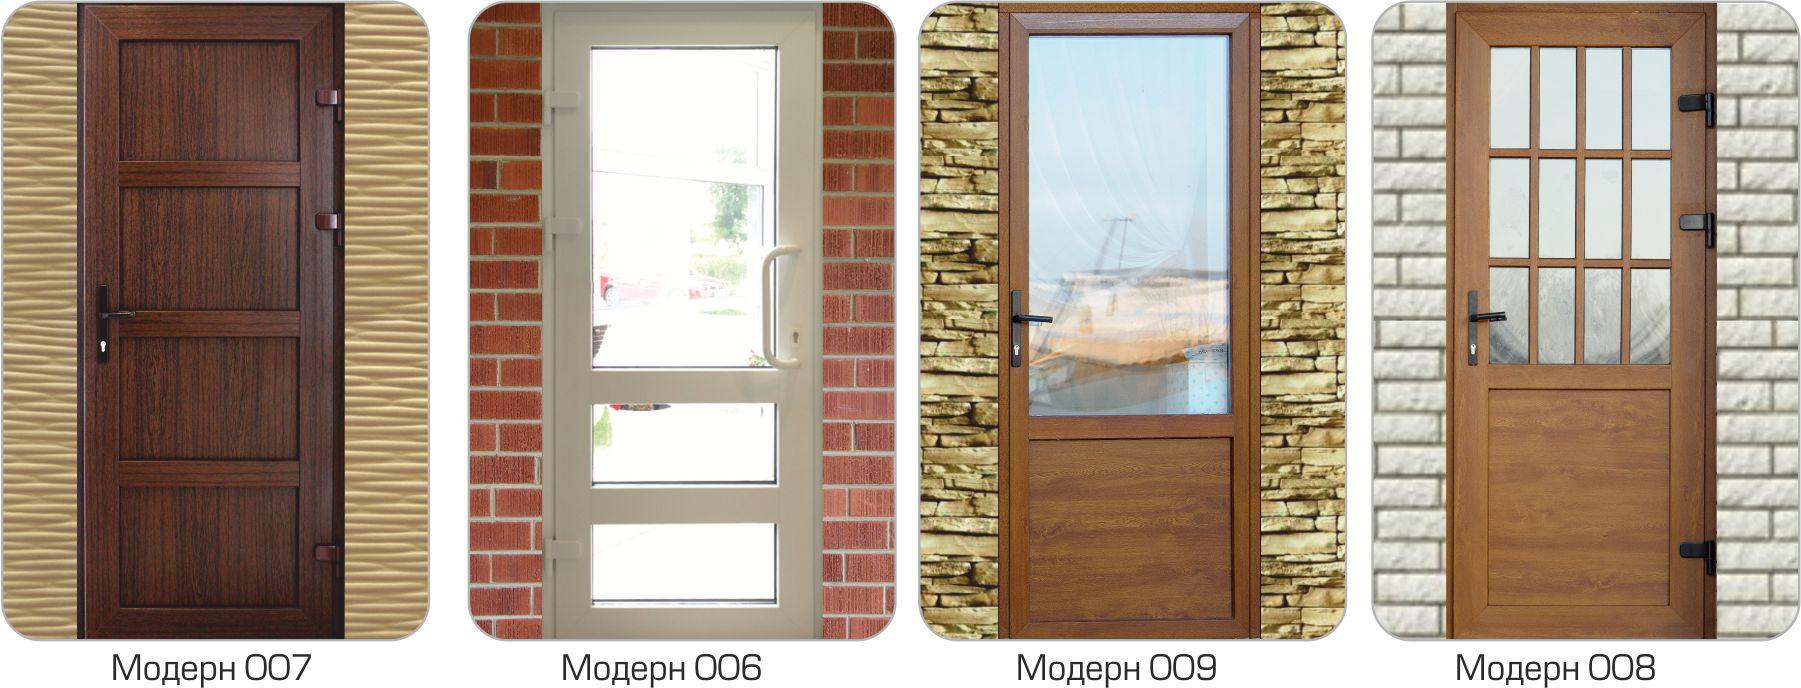 Как сделать откосы на дверях - откос своими руками 96